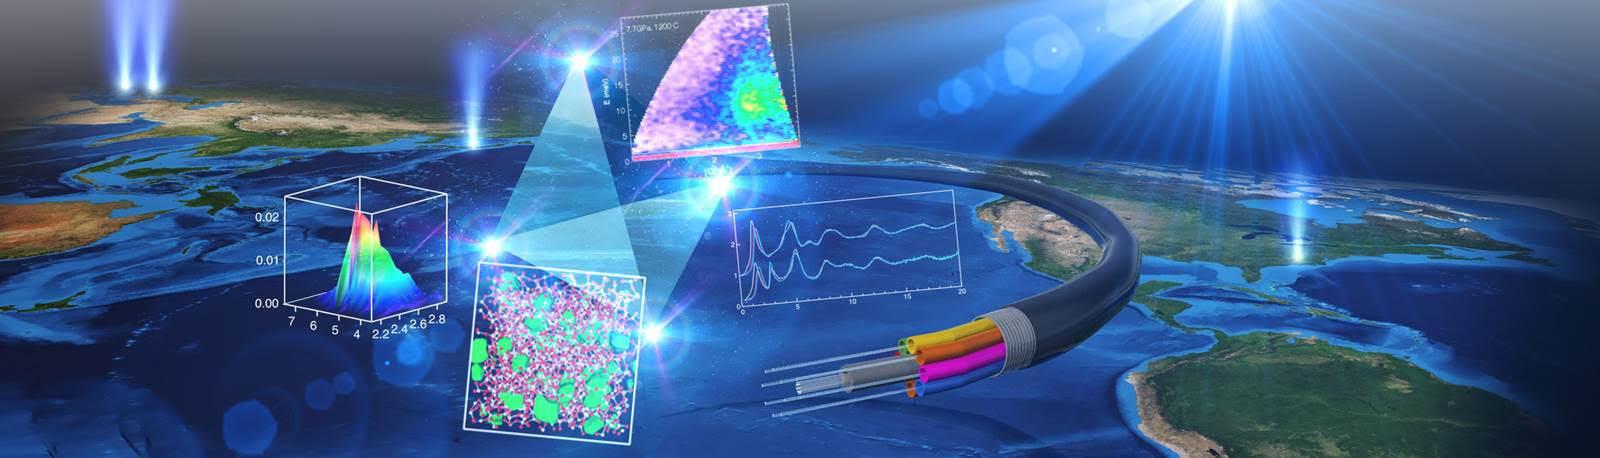 Quantum Beam Diffraction